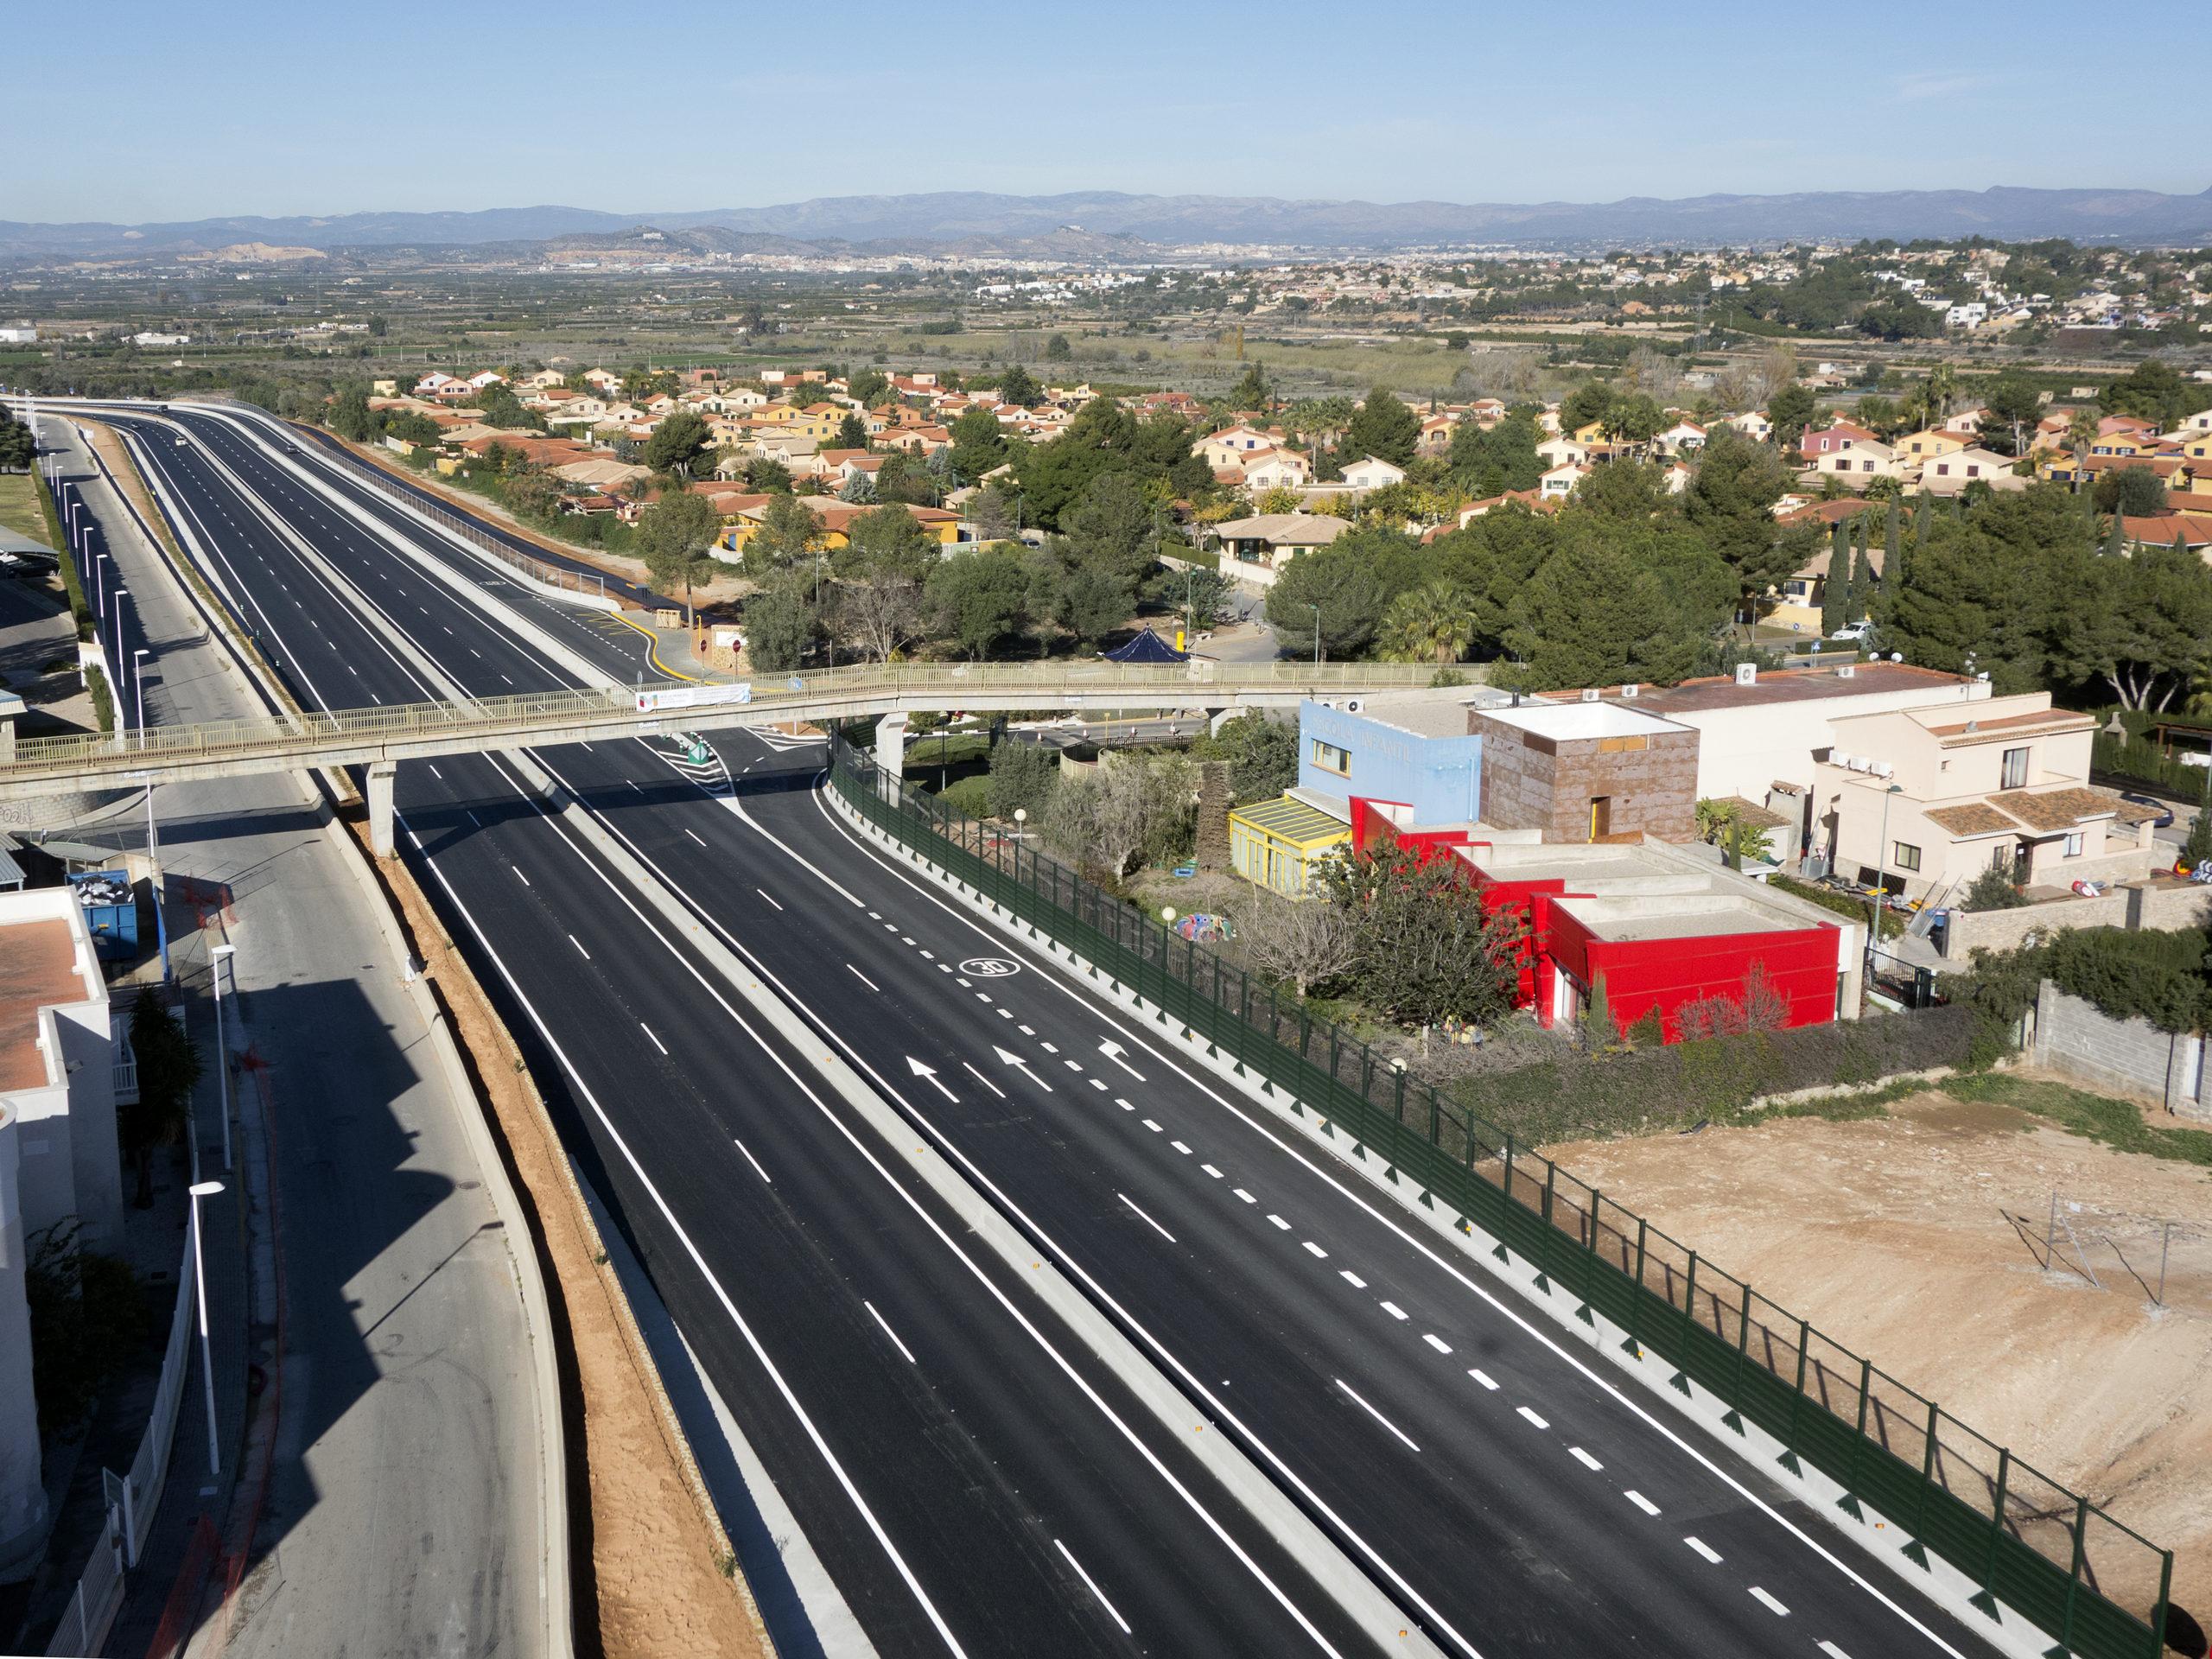 http://urbinsa.com/wp-content/uploads/2021/02/Via-Parque-Turia-8-scaled.jpg